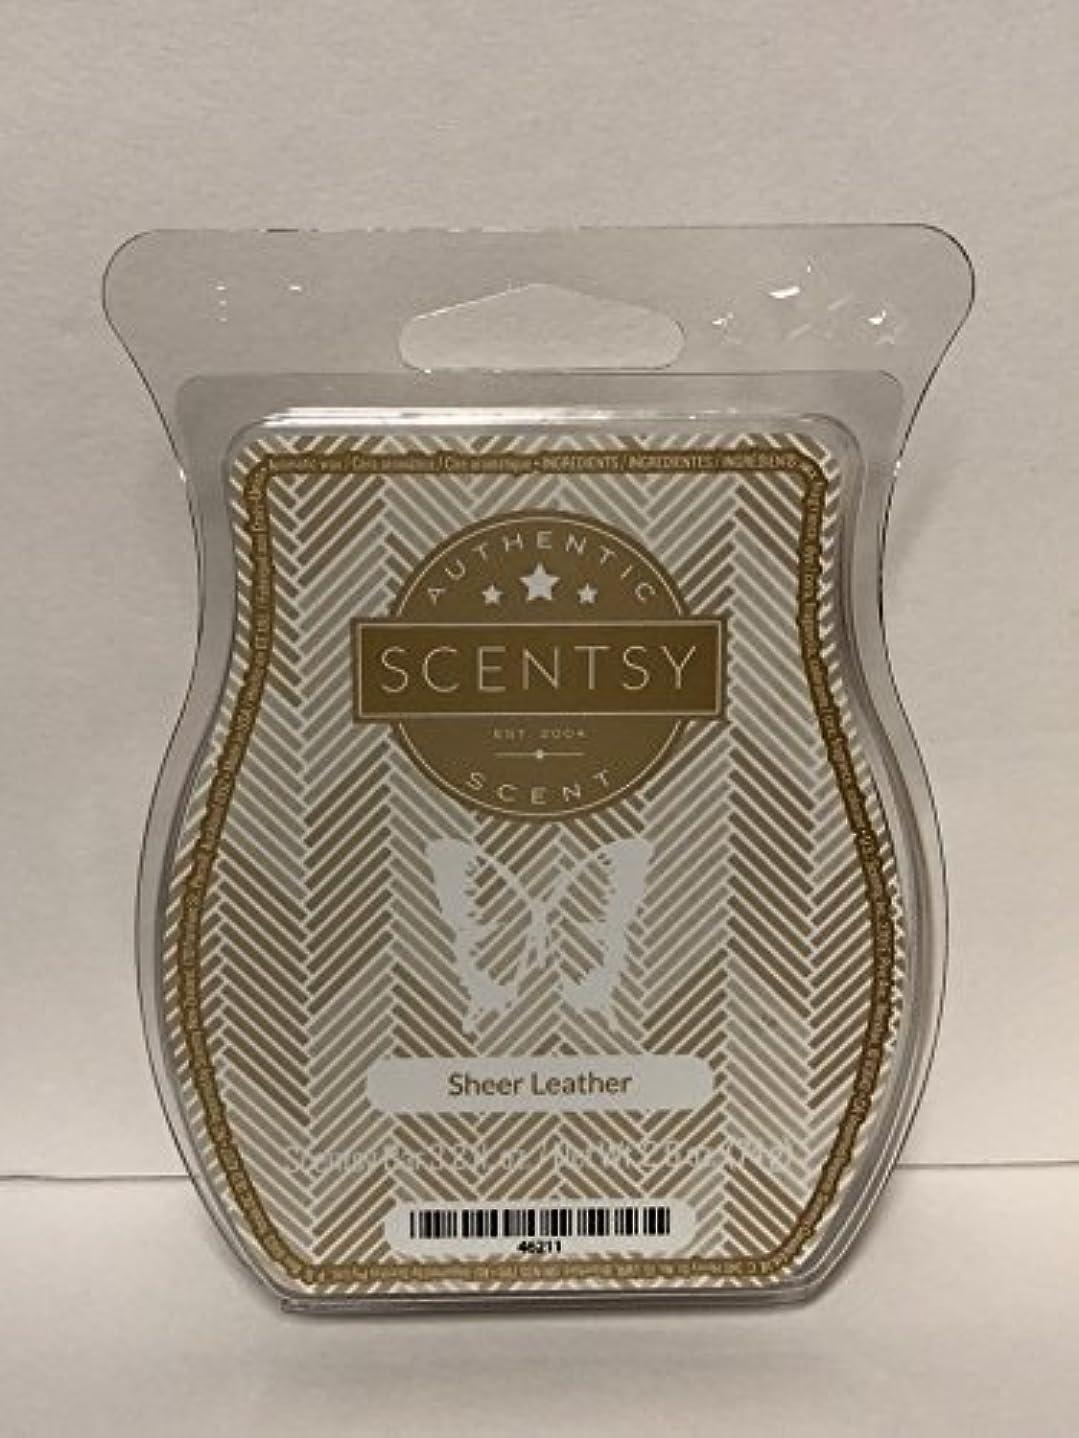 ジェスチャースイングママSheer Leather Scentsy Wickless Candle Tart Wax 90ml, 8 Squares